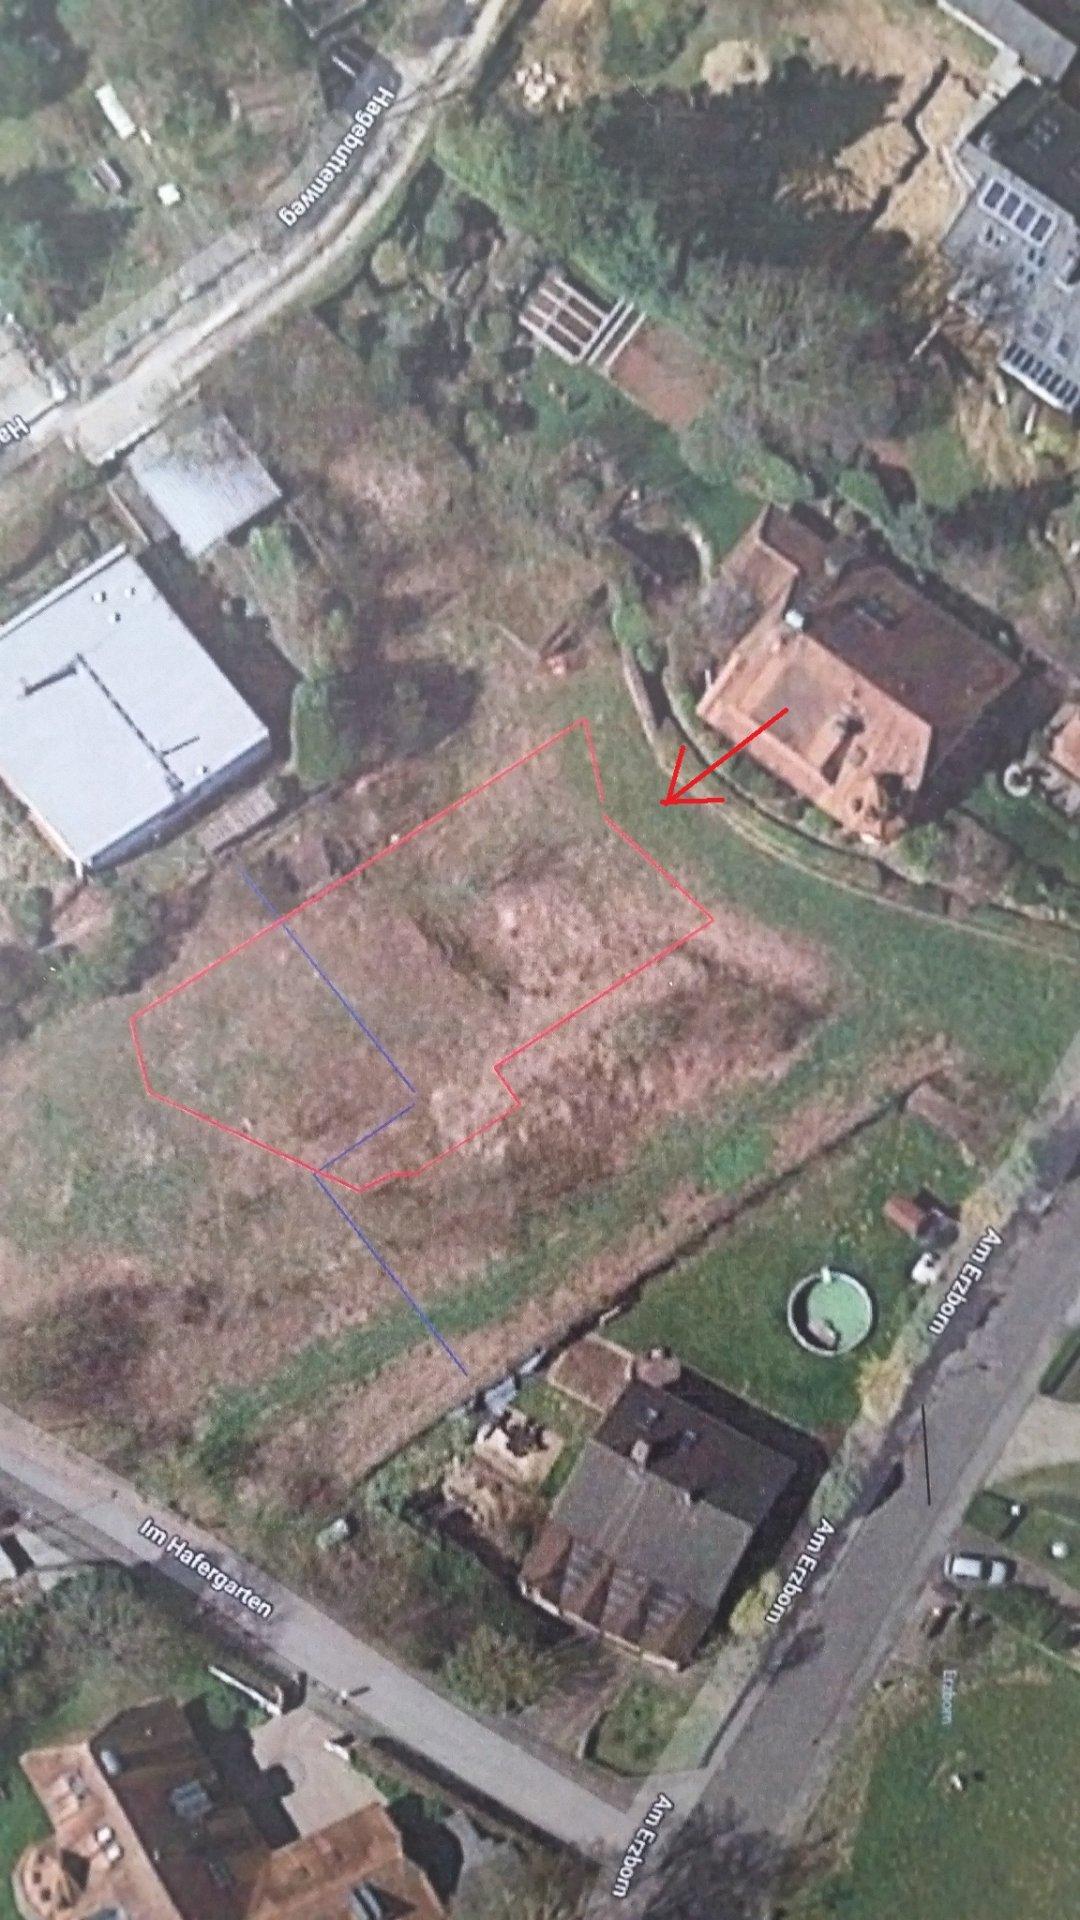 Ansicht_Satellit_Baufenster_pfeil.jpg